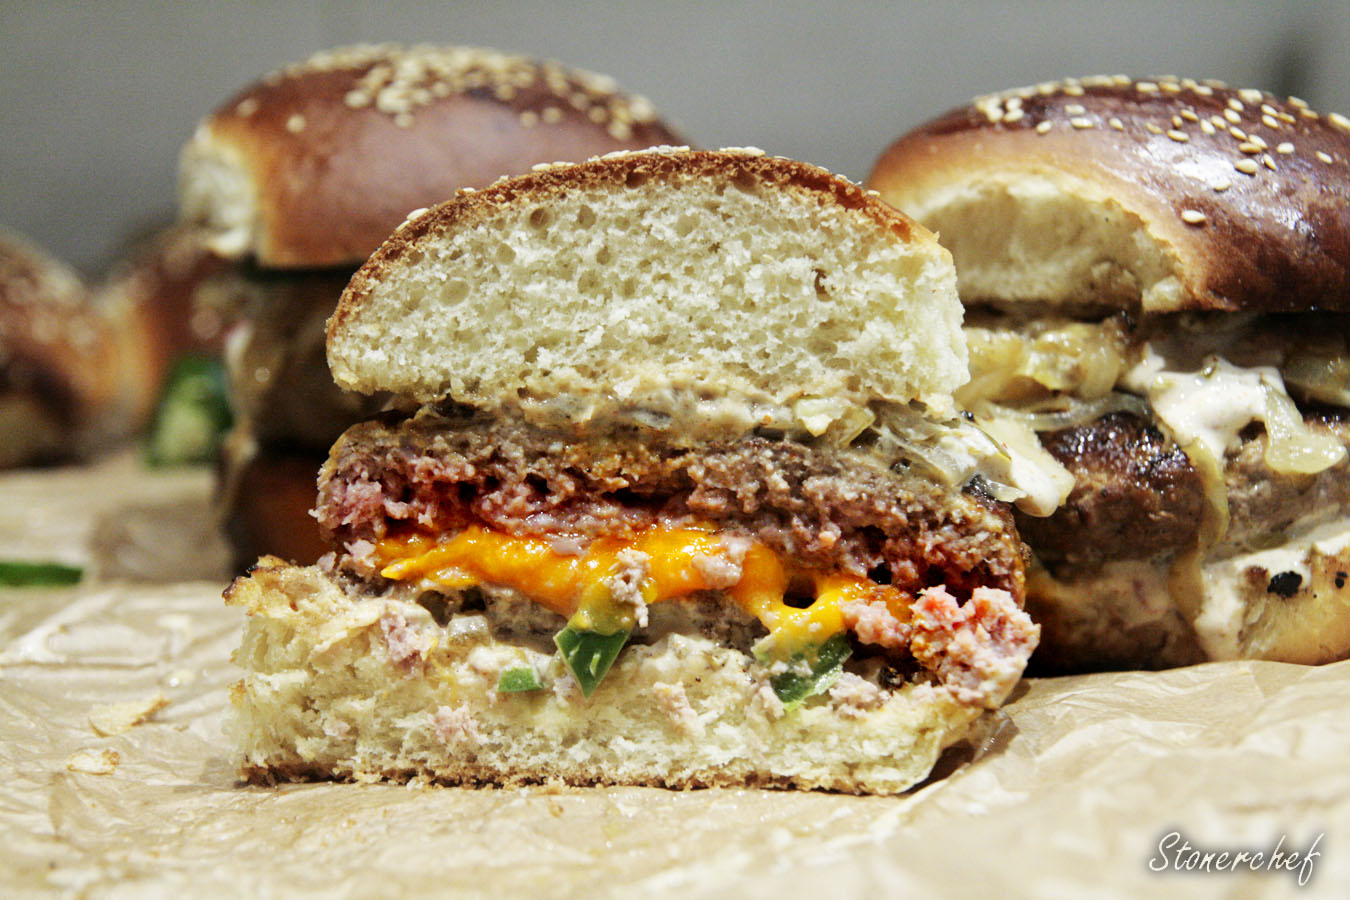 https://www.stonerchef.pl/wp-content/uploads/2016/12/przekroj-faszerowanego-burgera.jpg